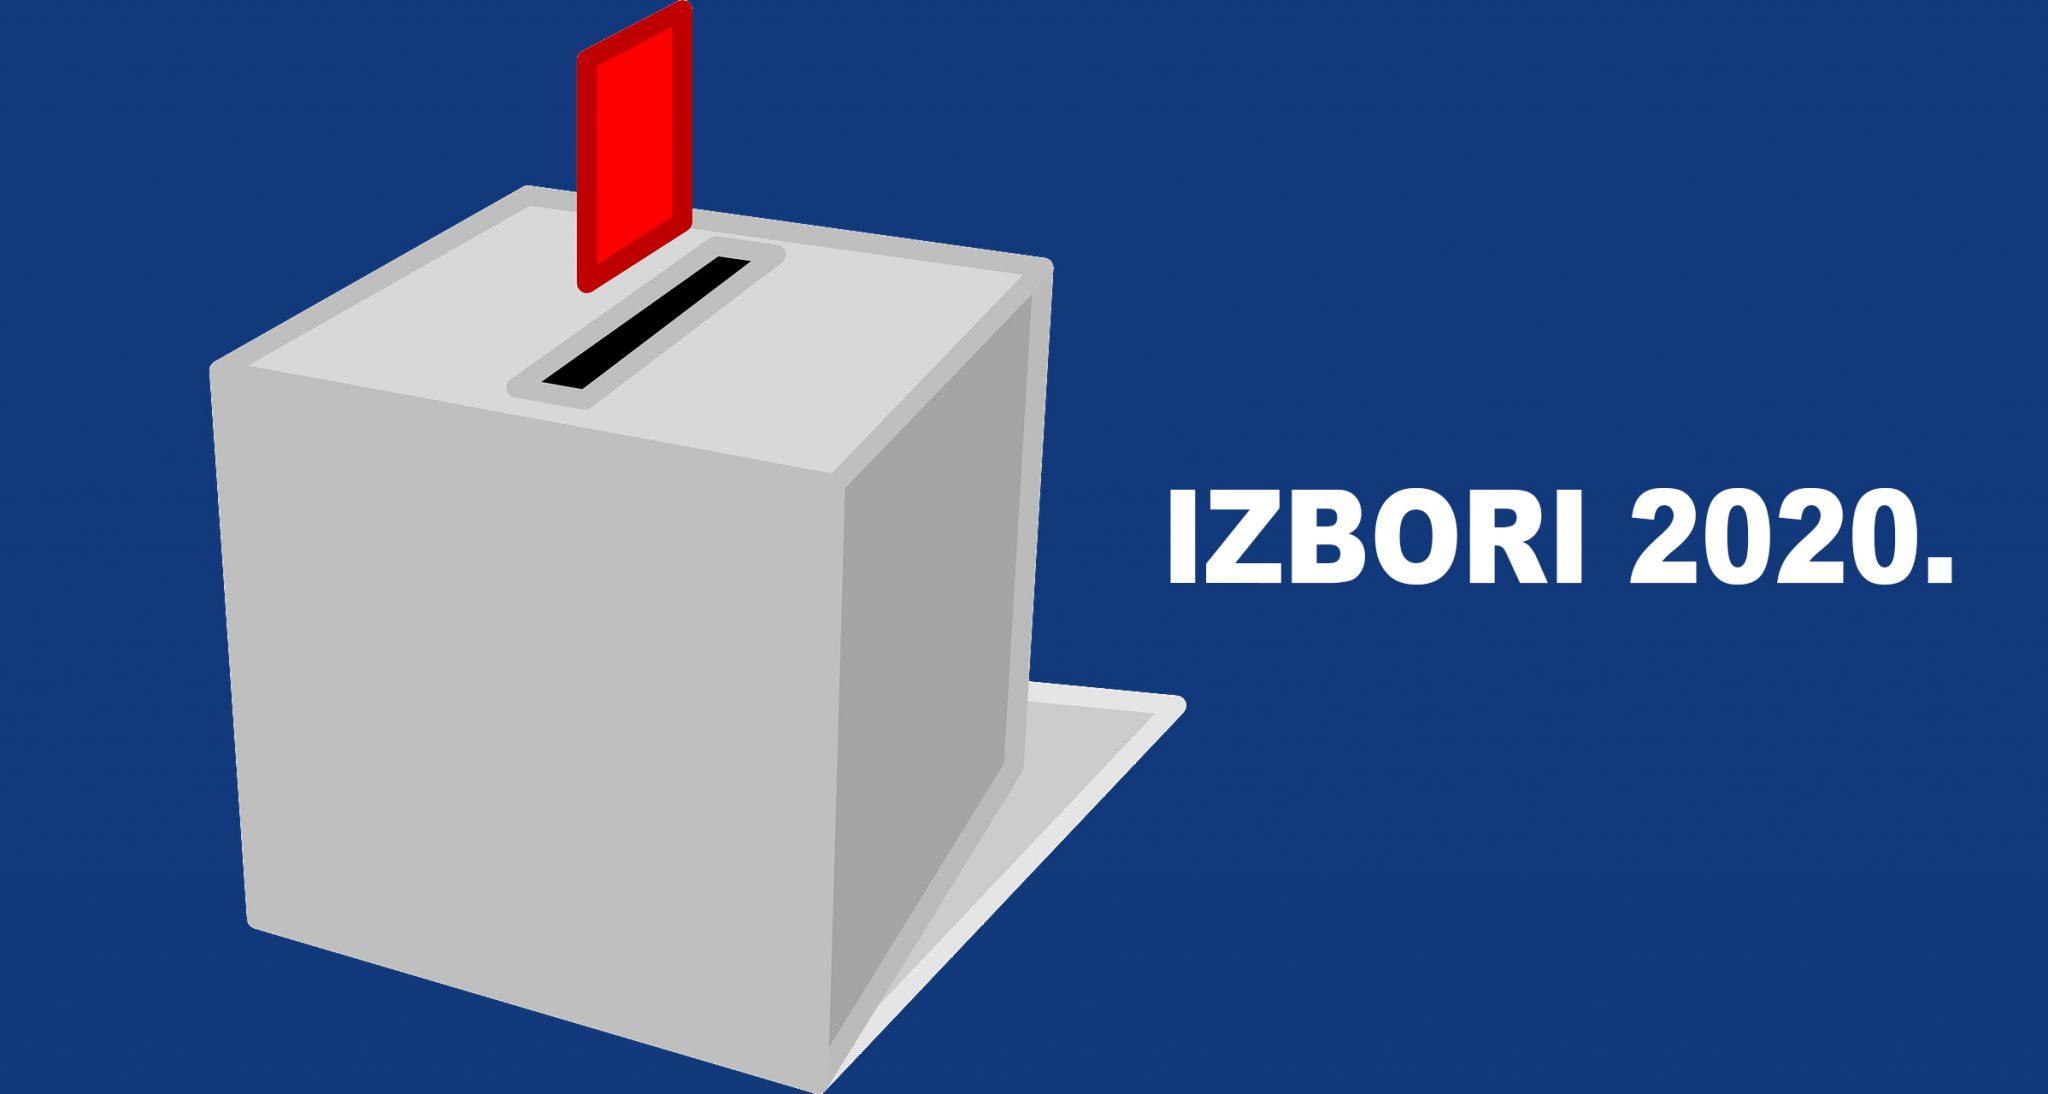 Прекинуте све изборне радње због ванредне ситуације